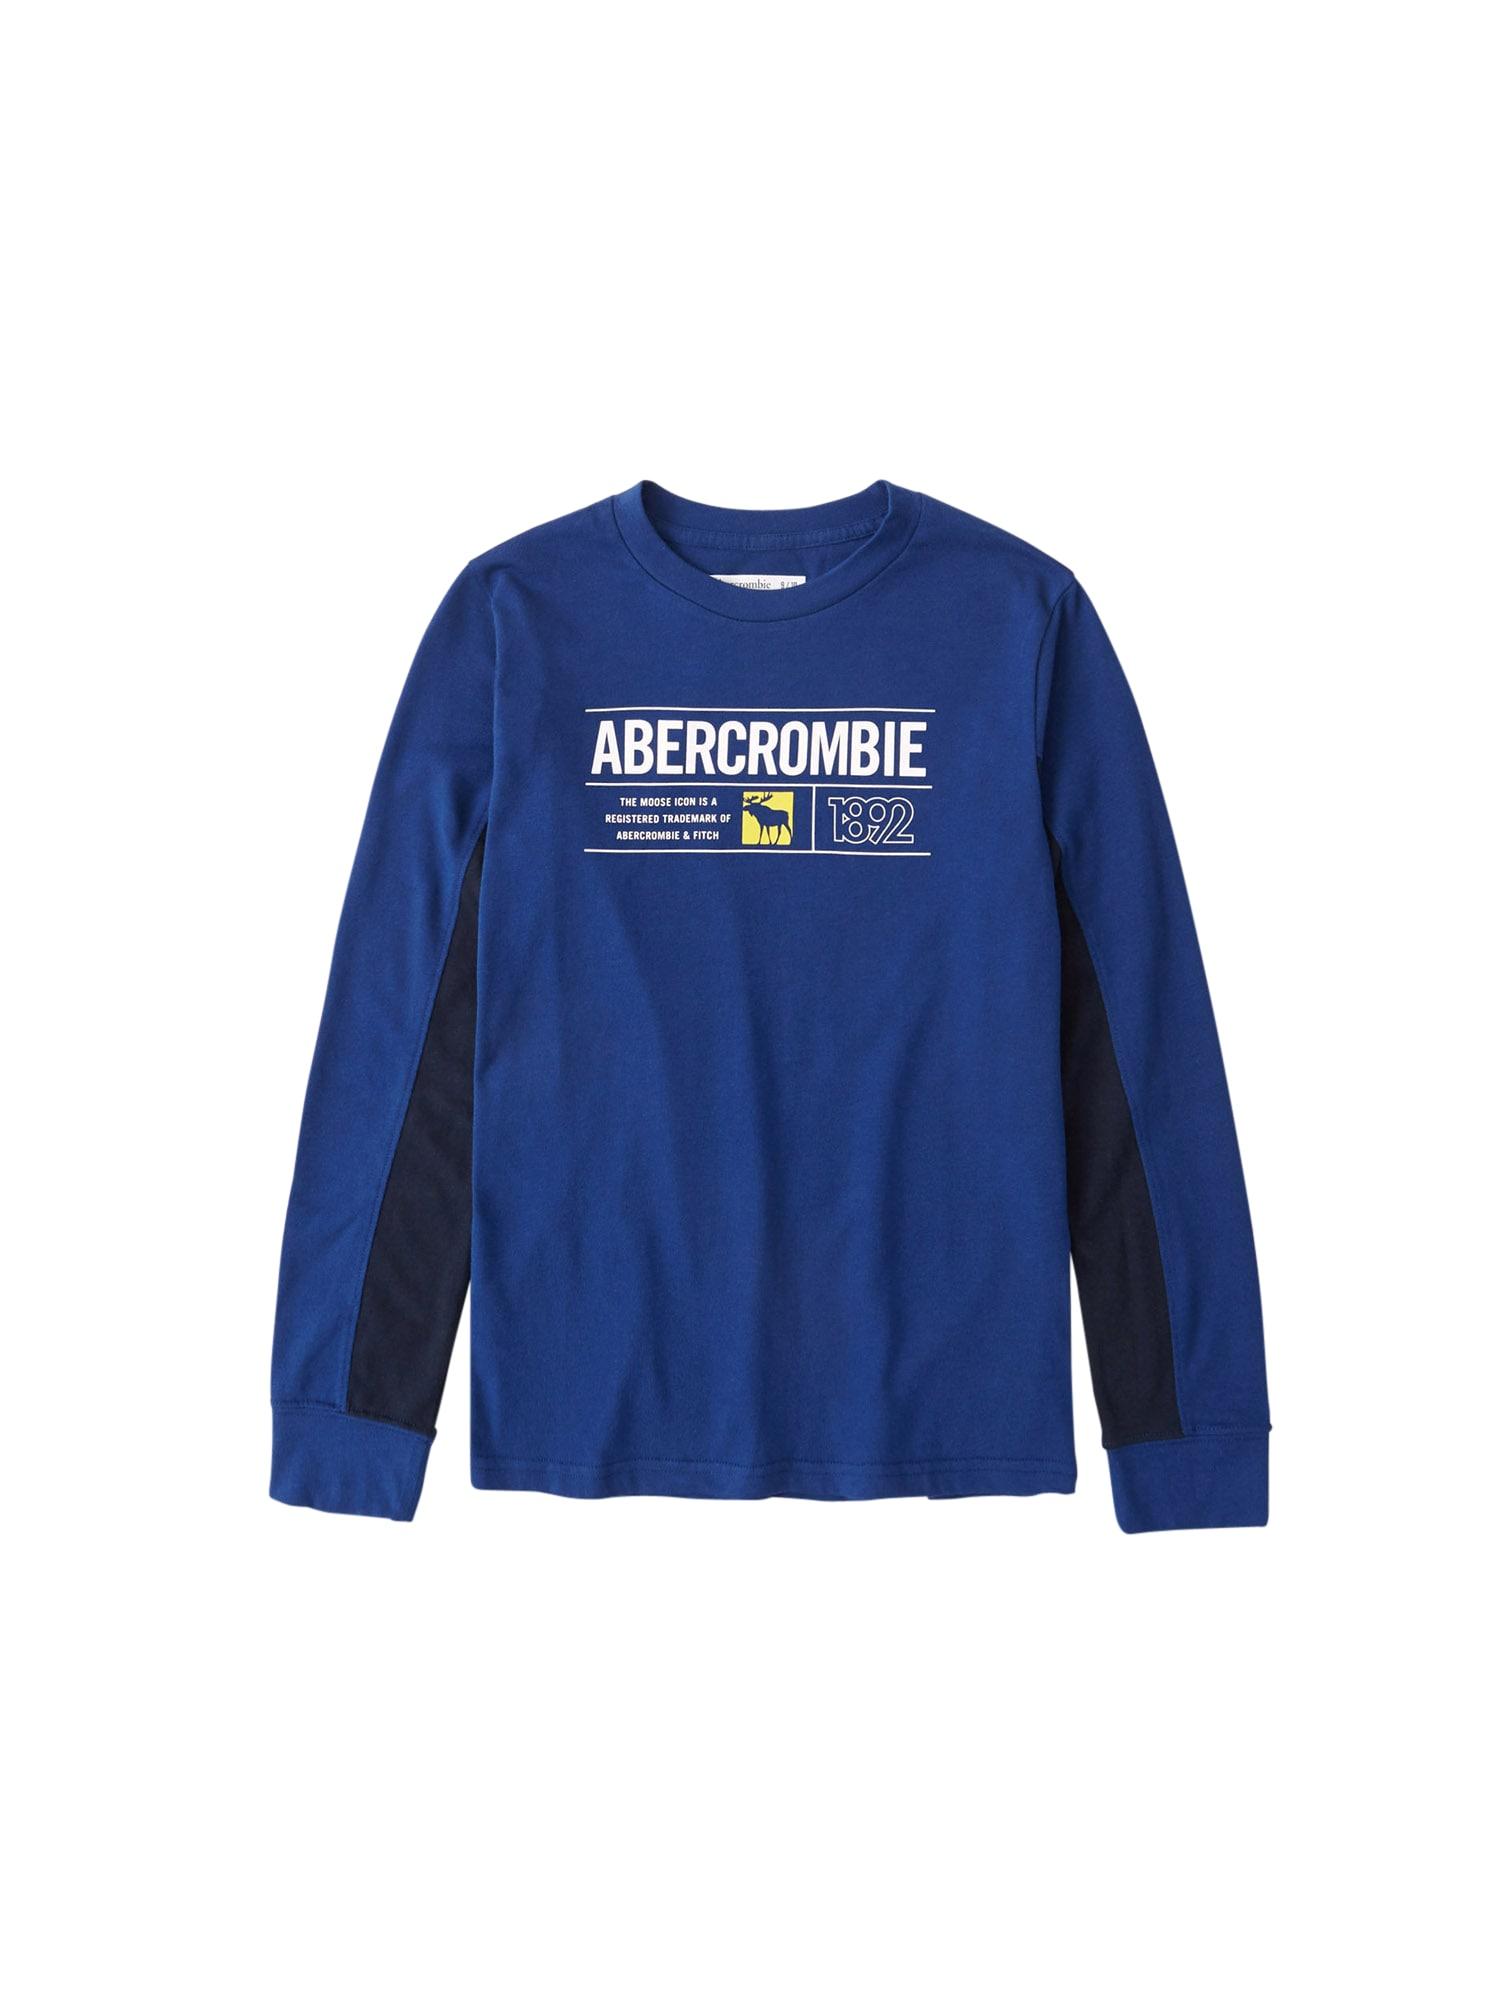 Abercrombie & Fitch Marškinėliai mėlyna / tamsiai mėlyna / balta